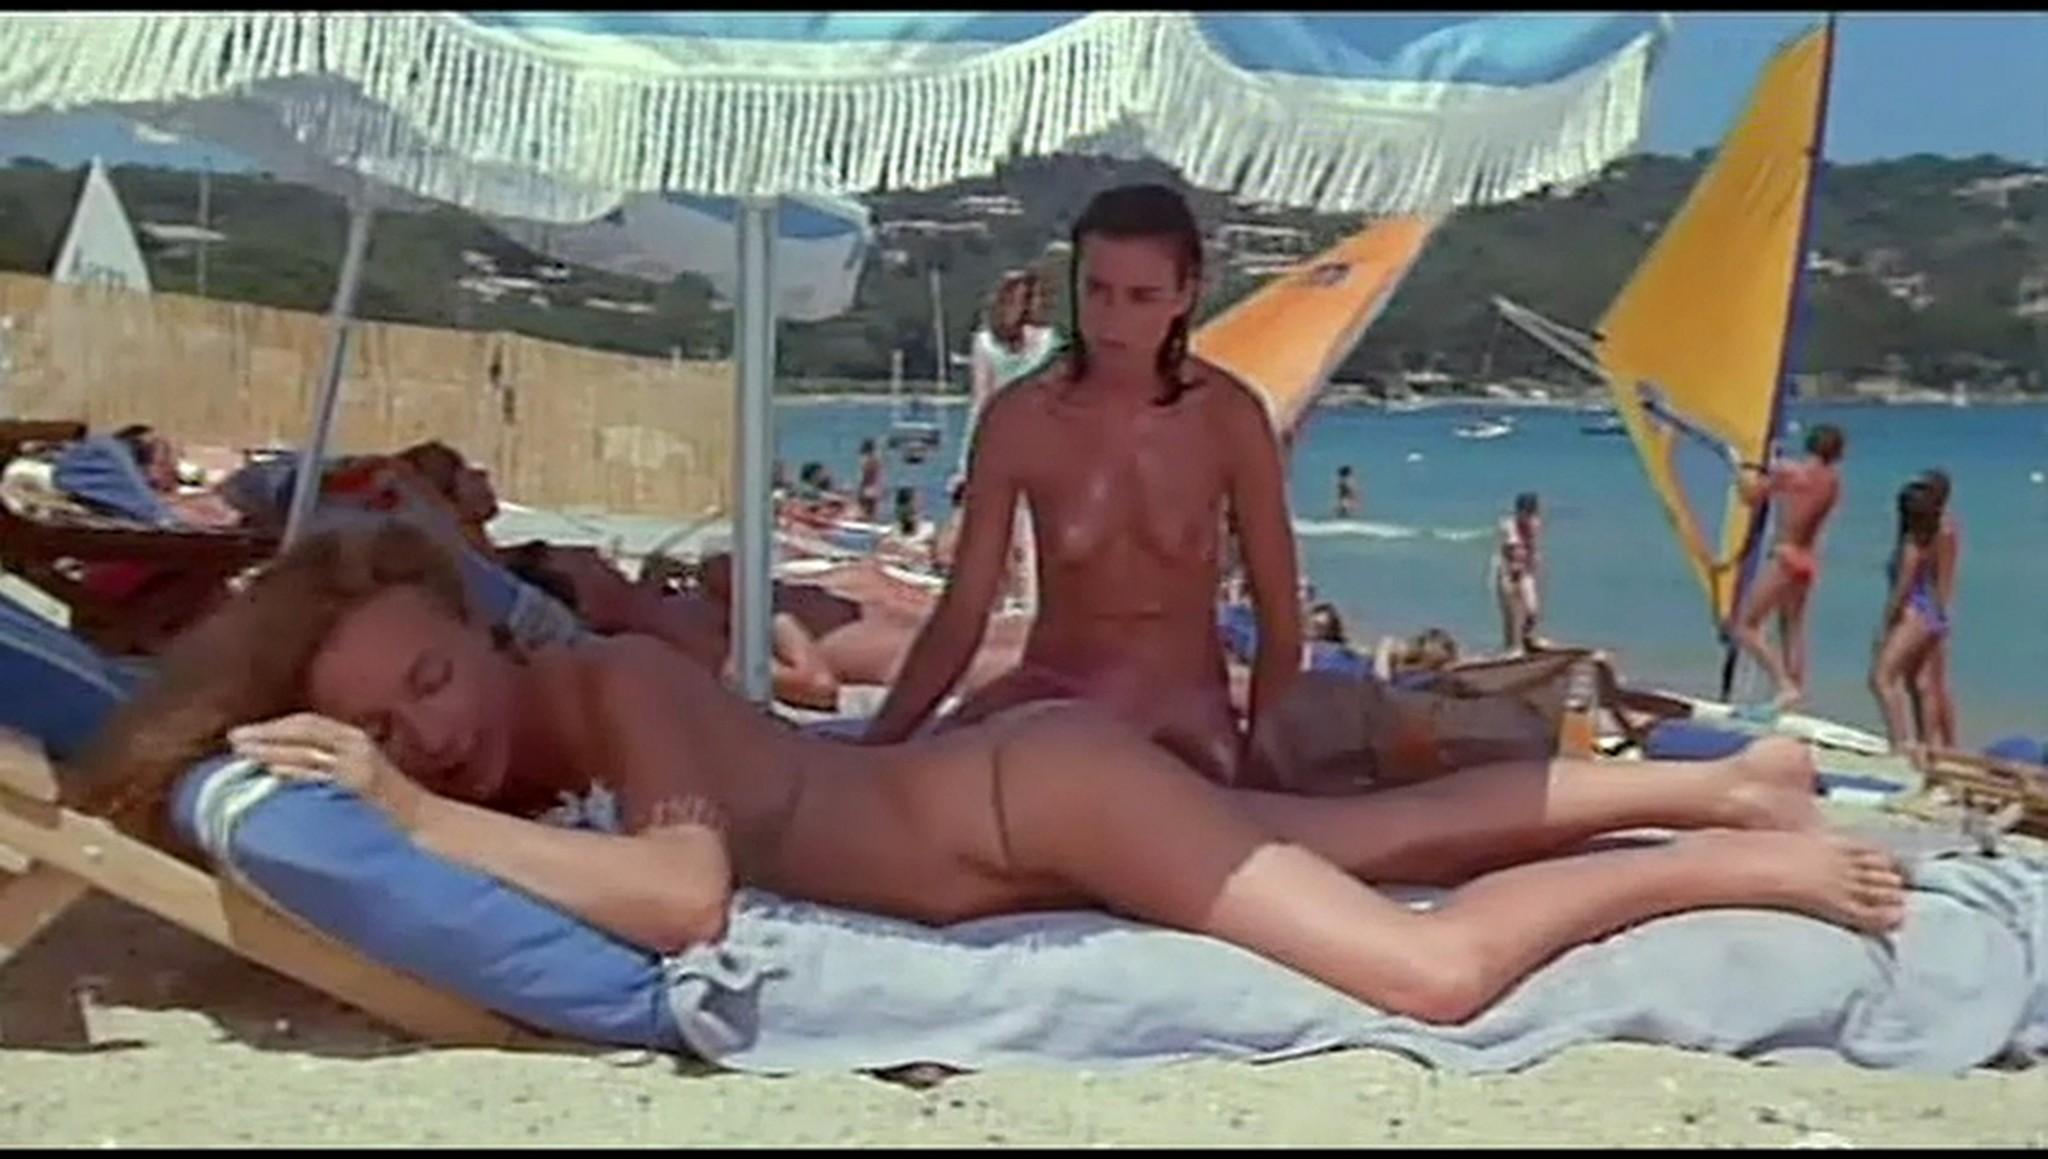 Valerie Kaprisky nude full frontal Caroline Cellier and others nude L annee des meduses 1984 17